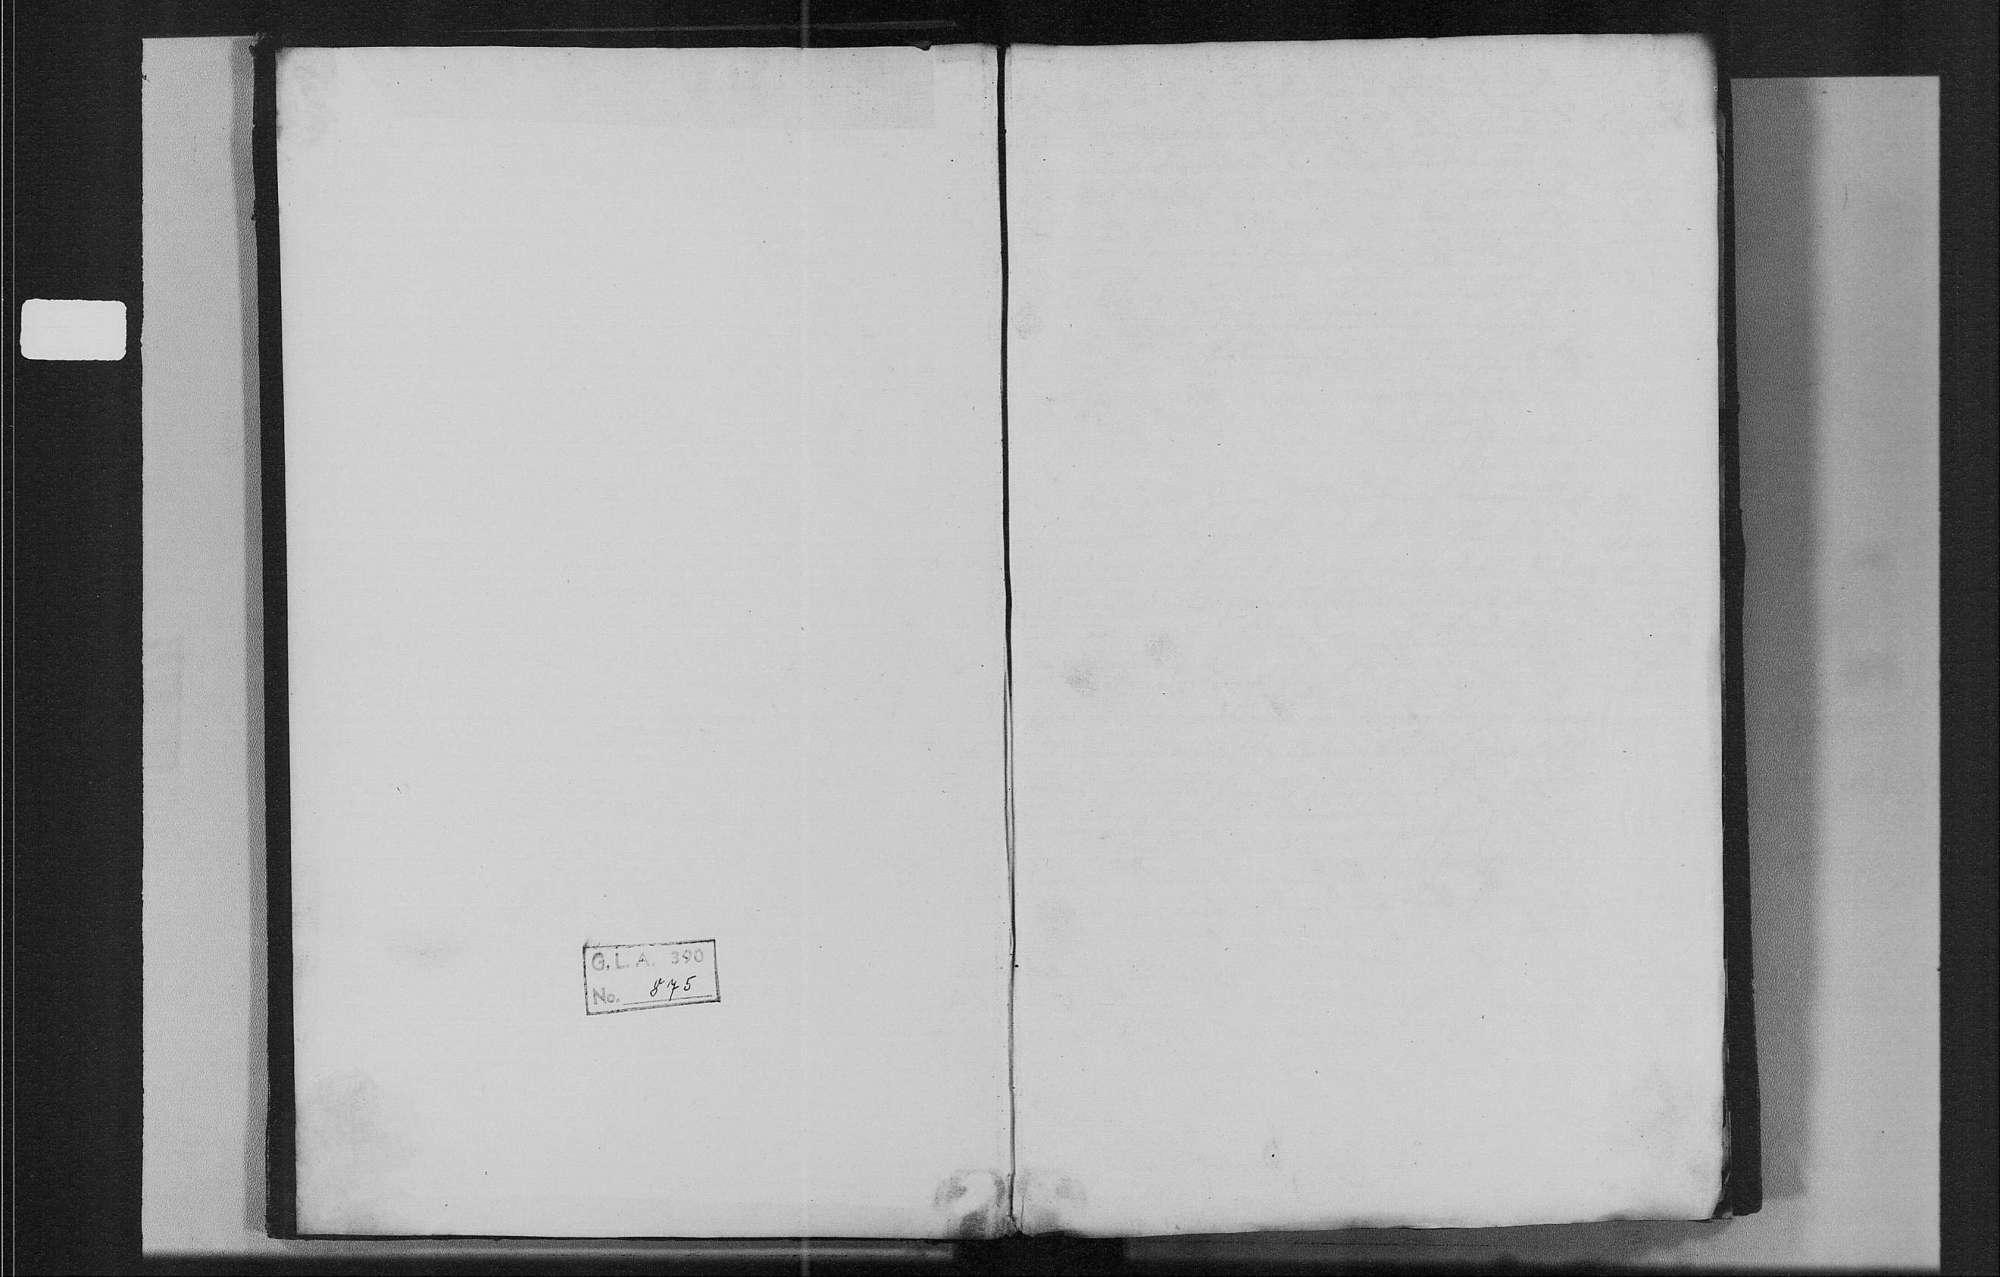 Greffern, katholische Gemeinde: Heiratsbuch 1810-1870, Bild 2